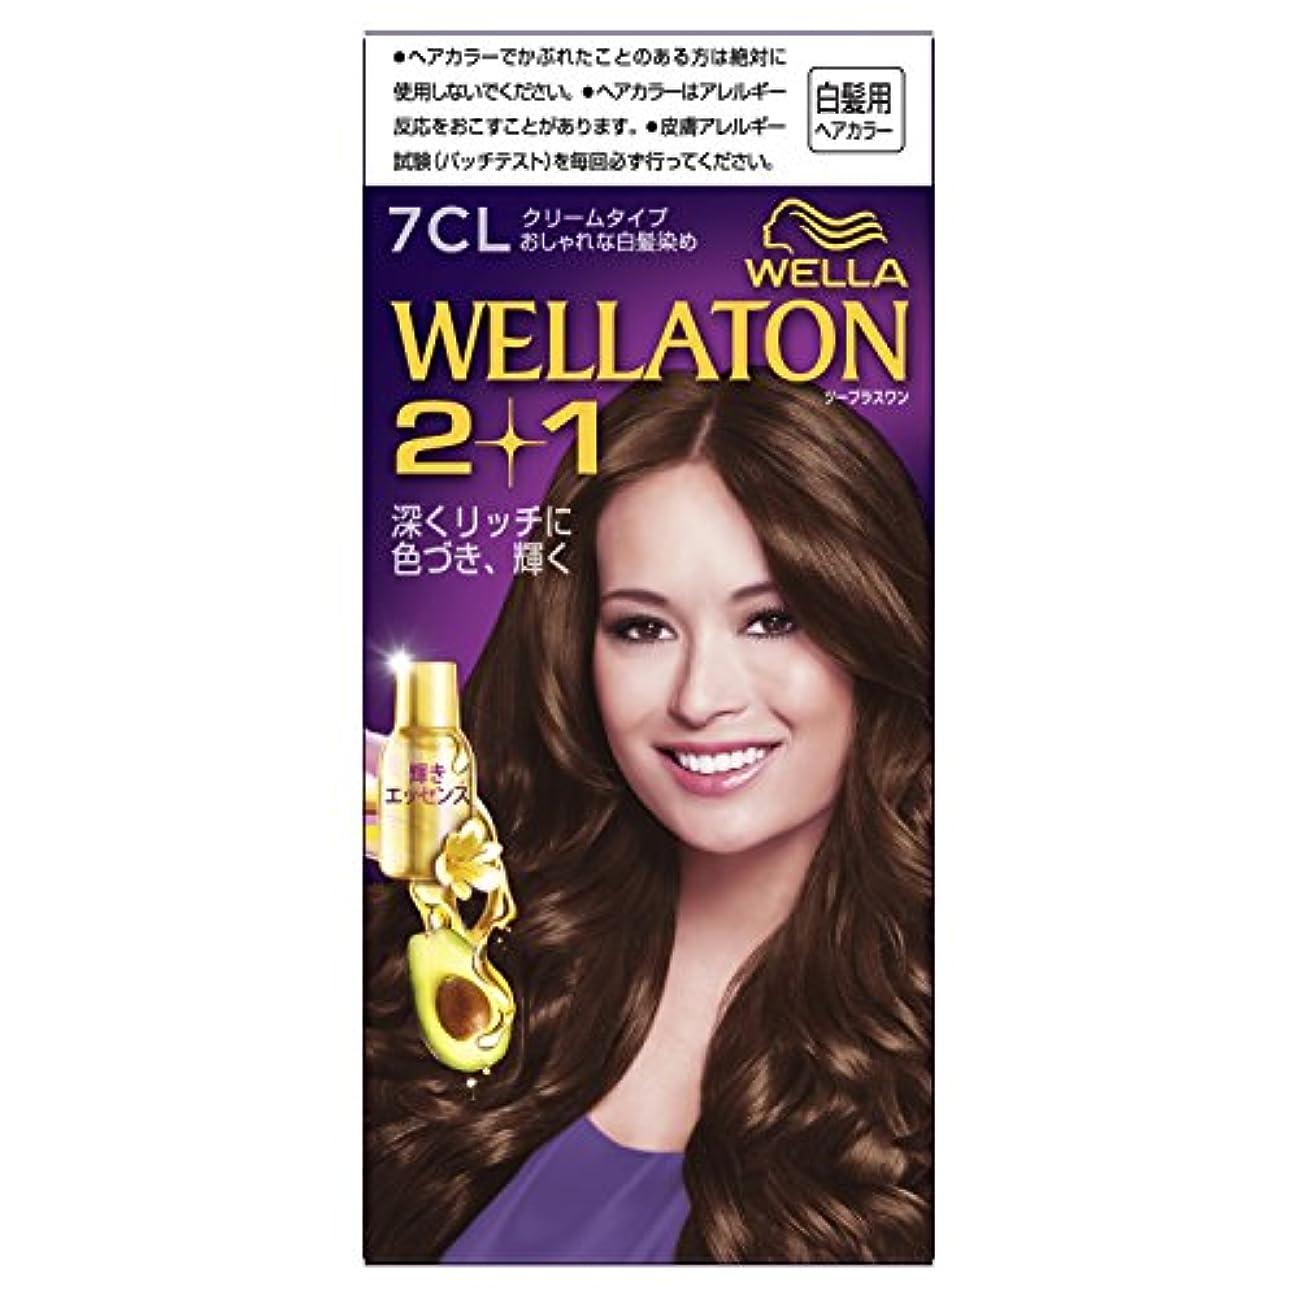 規範理想的大量ウエラトーン2+1 クリームタイプ 7CL [医薬部外品](おしゃれな白髪染め)